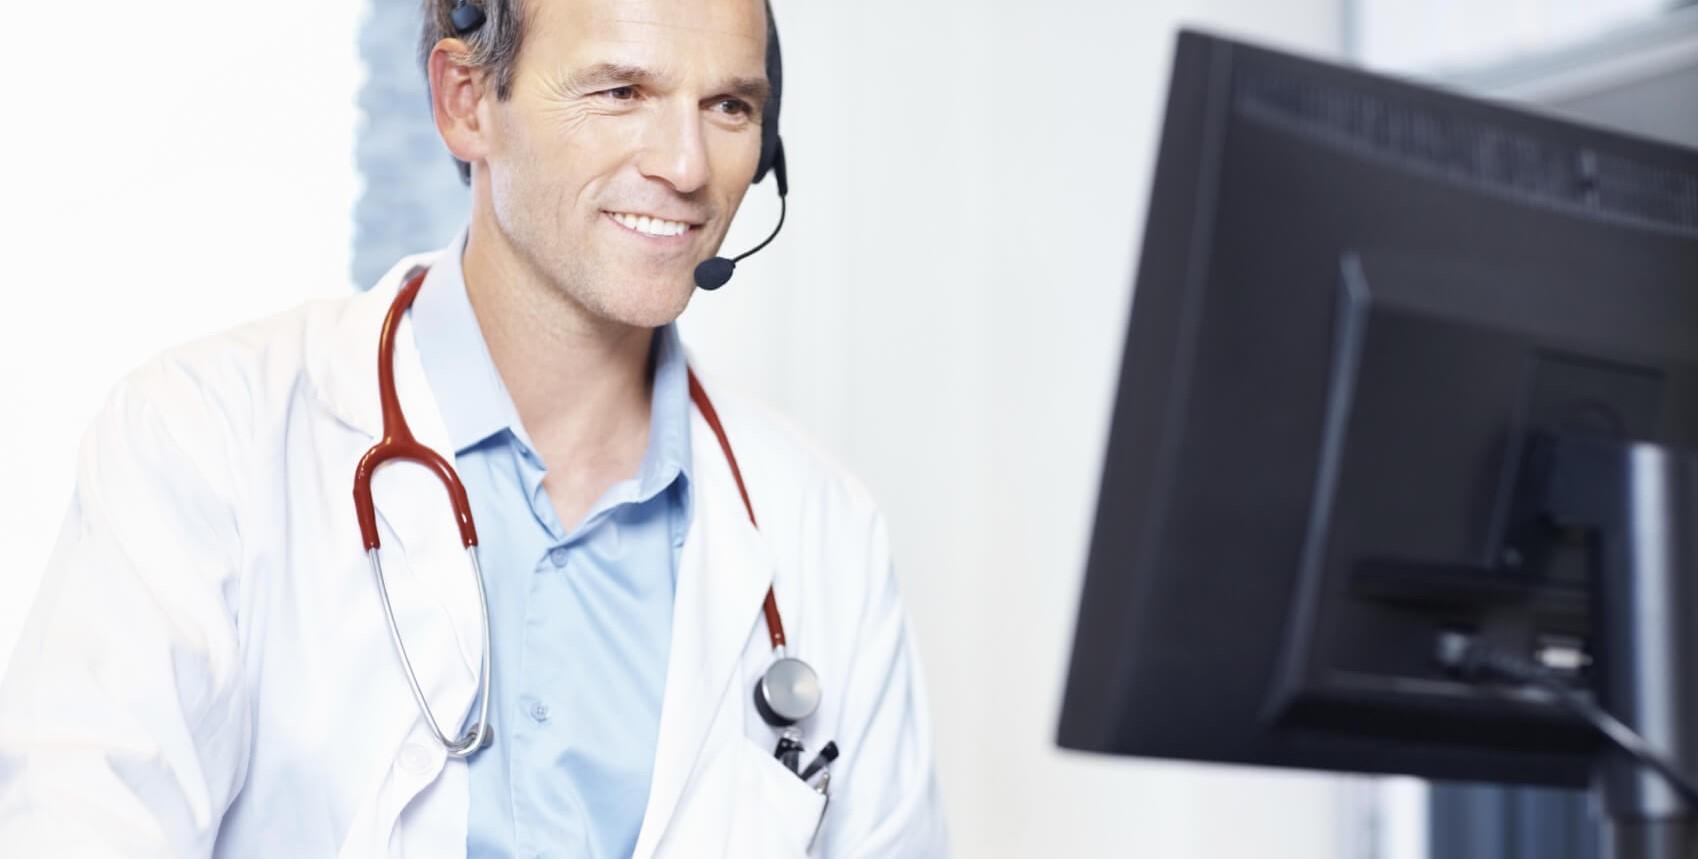 Contact Canadianpharmacydrugcom